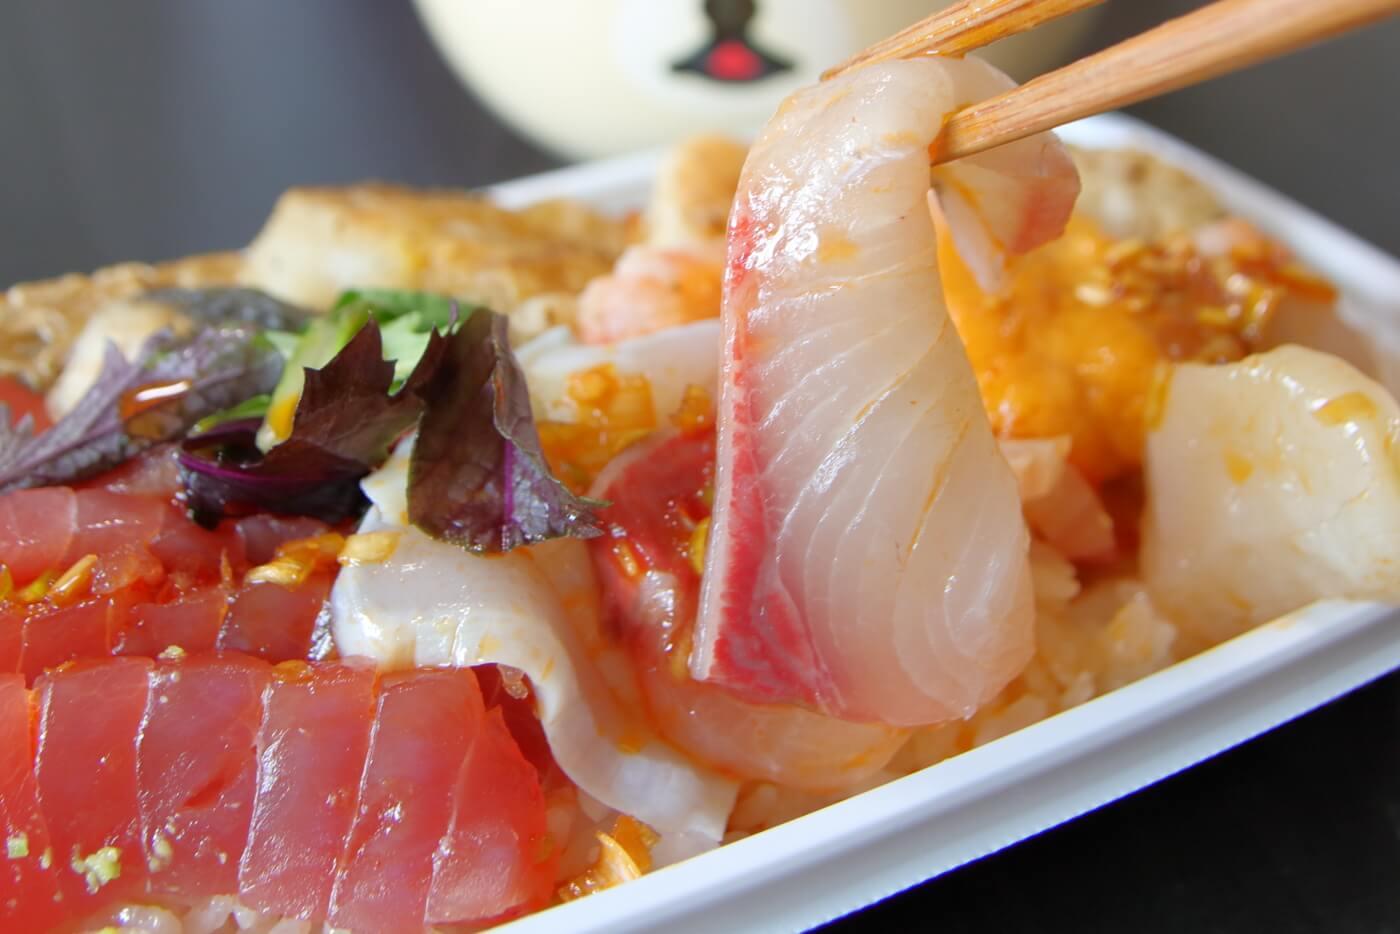 クードゥバレーヌ テイクアウト バレーヌ風海鮮丼(洋風海鮮丼)